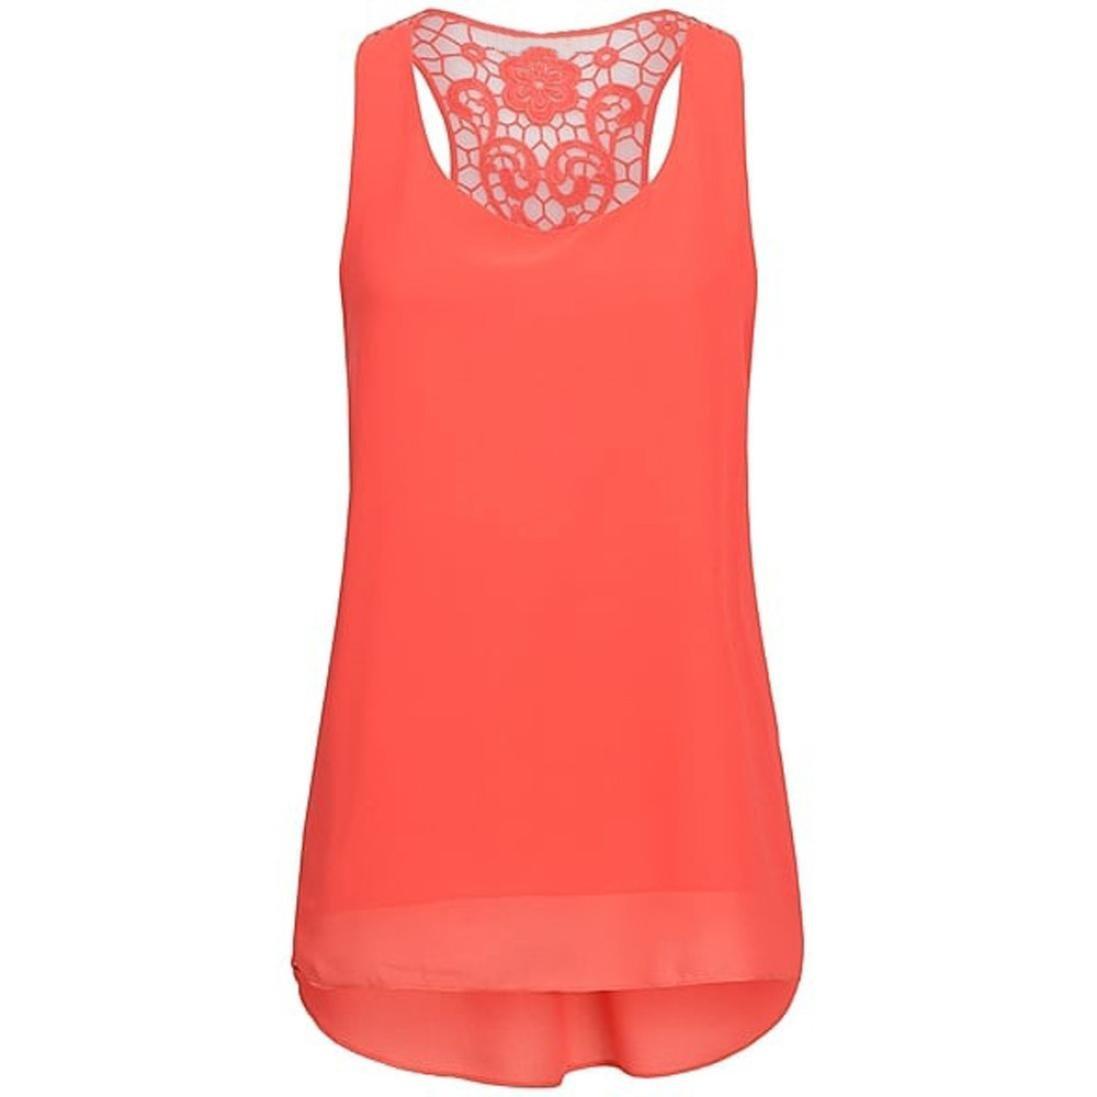 Corsion Women Summer Fashion Sleeveless Chiffon Tunics Tank Top Blouse T  Shirt at Amazon Women s Clothing store